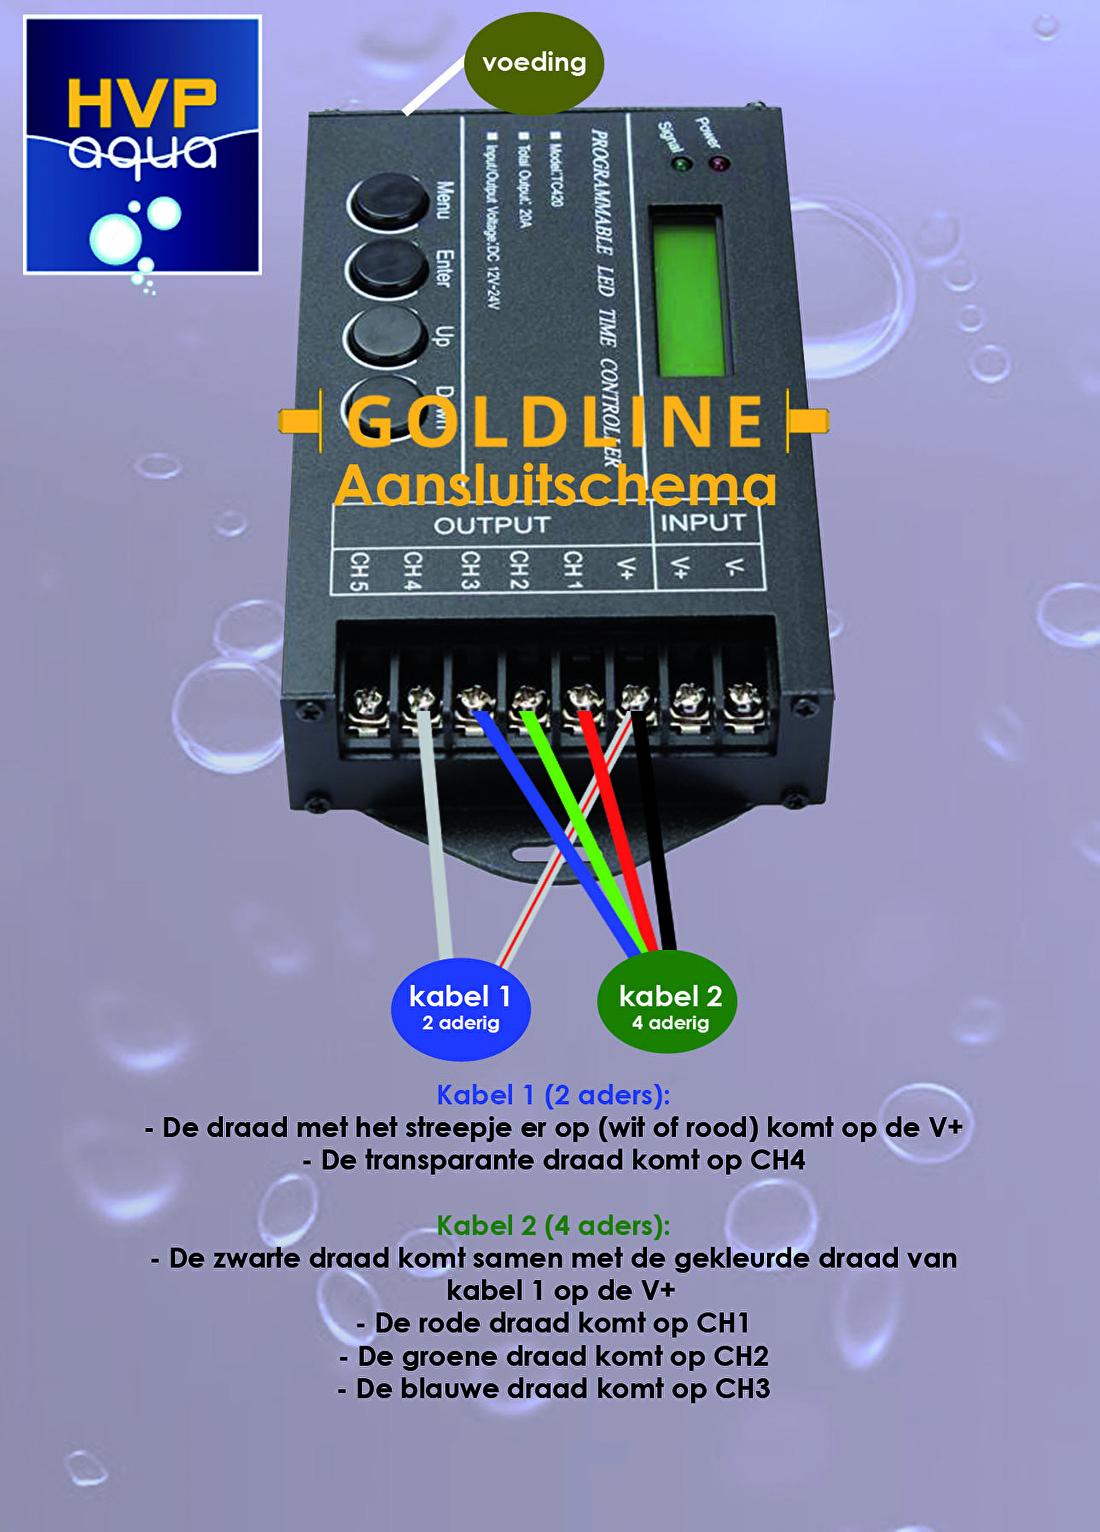 Aansltuischema TC420 Goldline